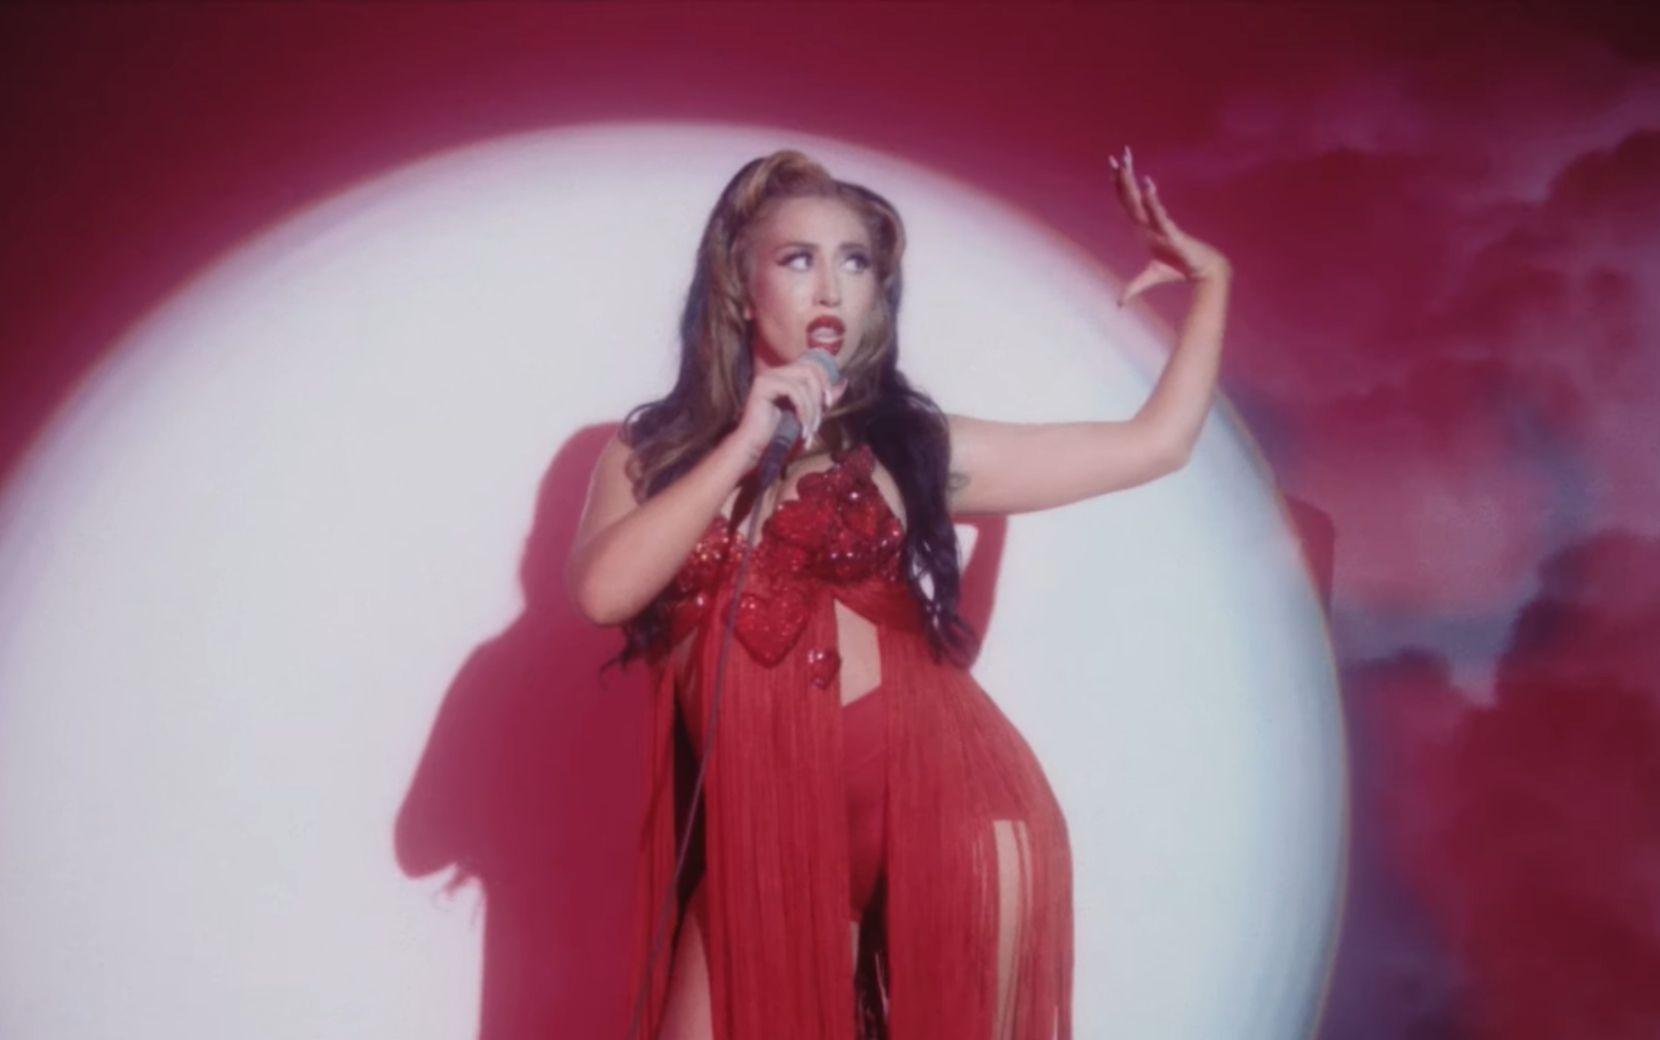 """Hit do TikTok, """"Telepatía"""", ganha clipe com estética dos anos 2000"""